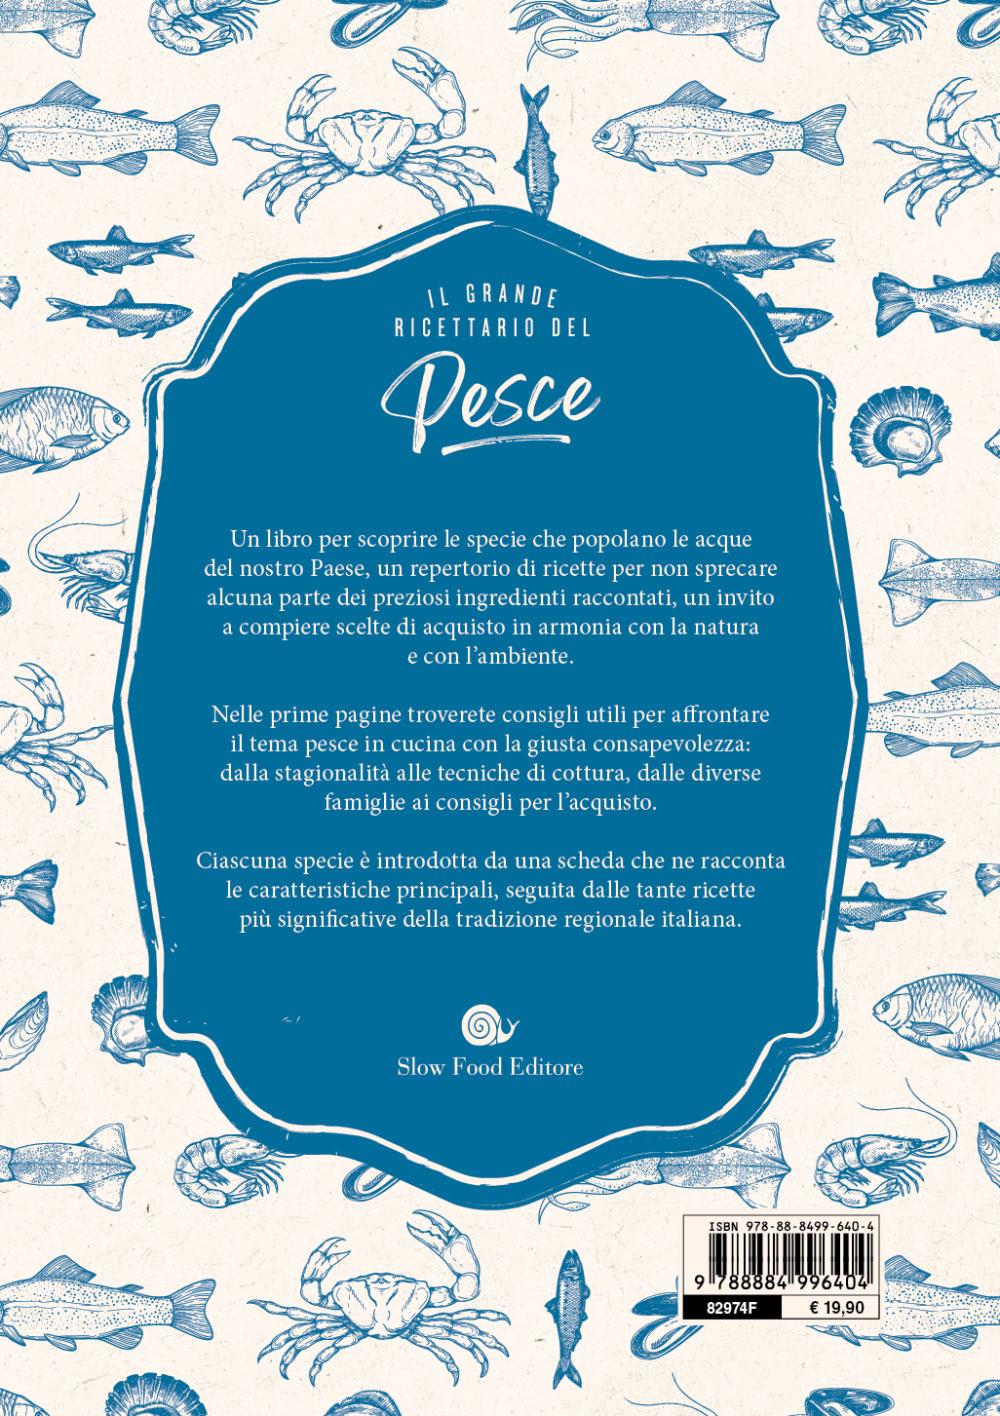 Il grande ricettario del pesce.